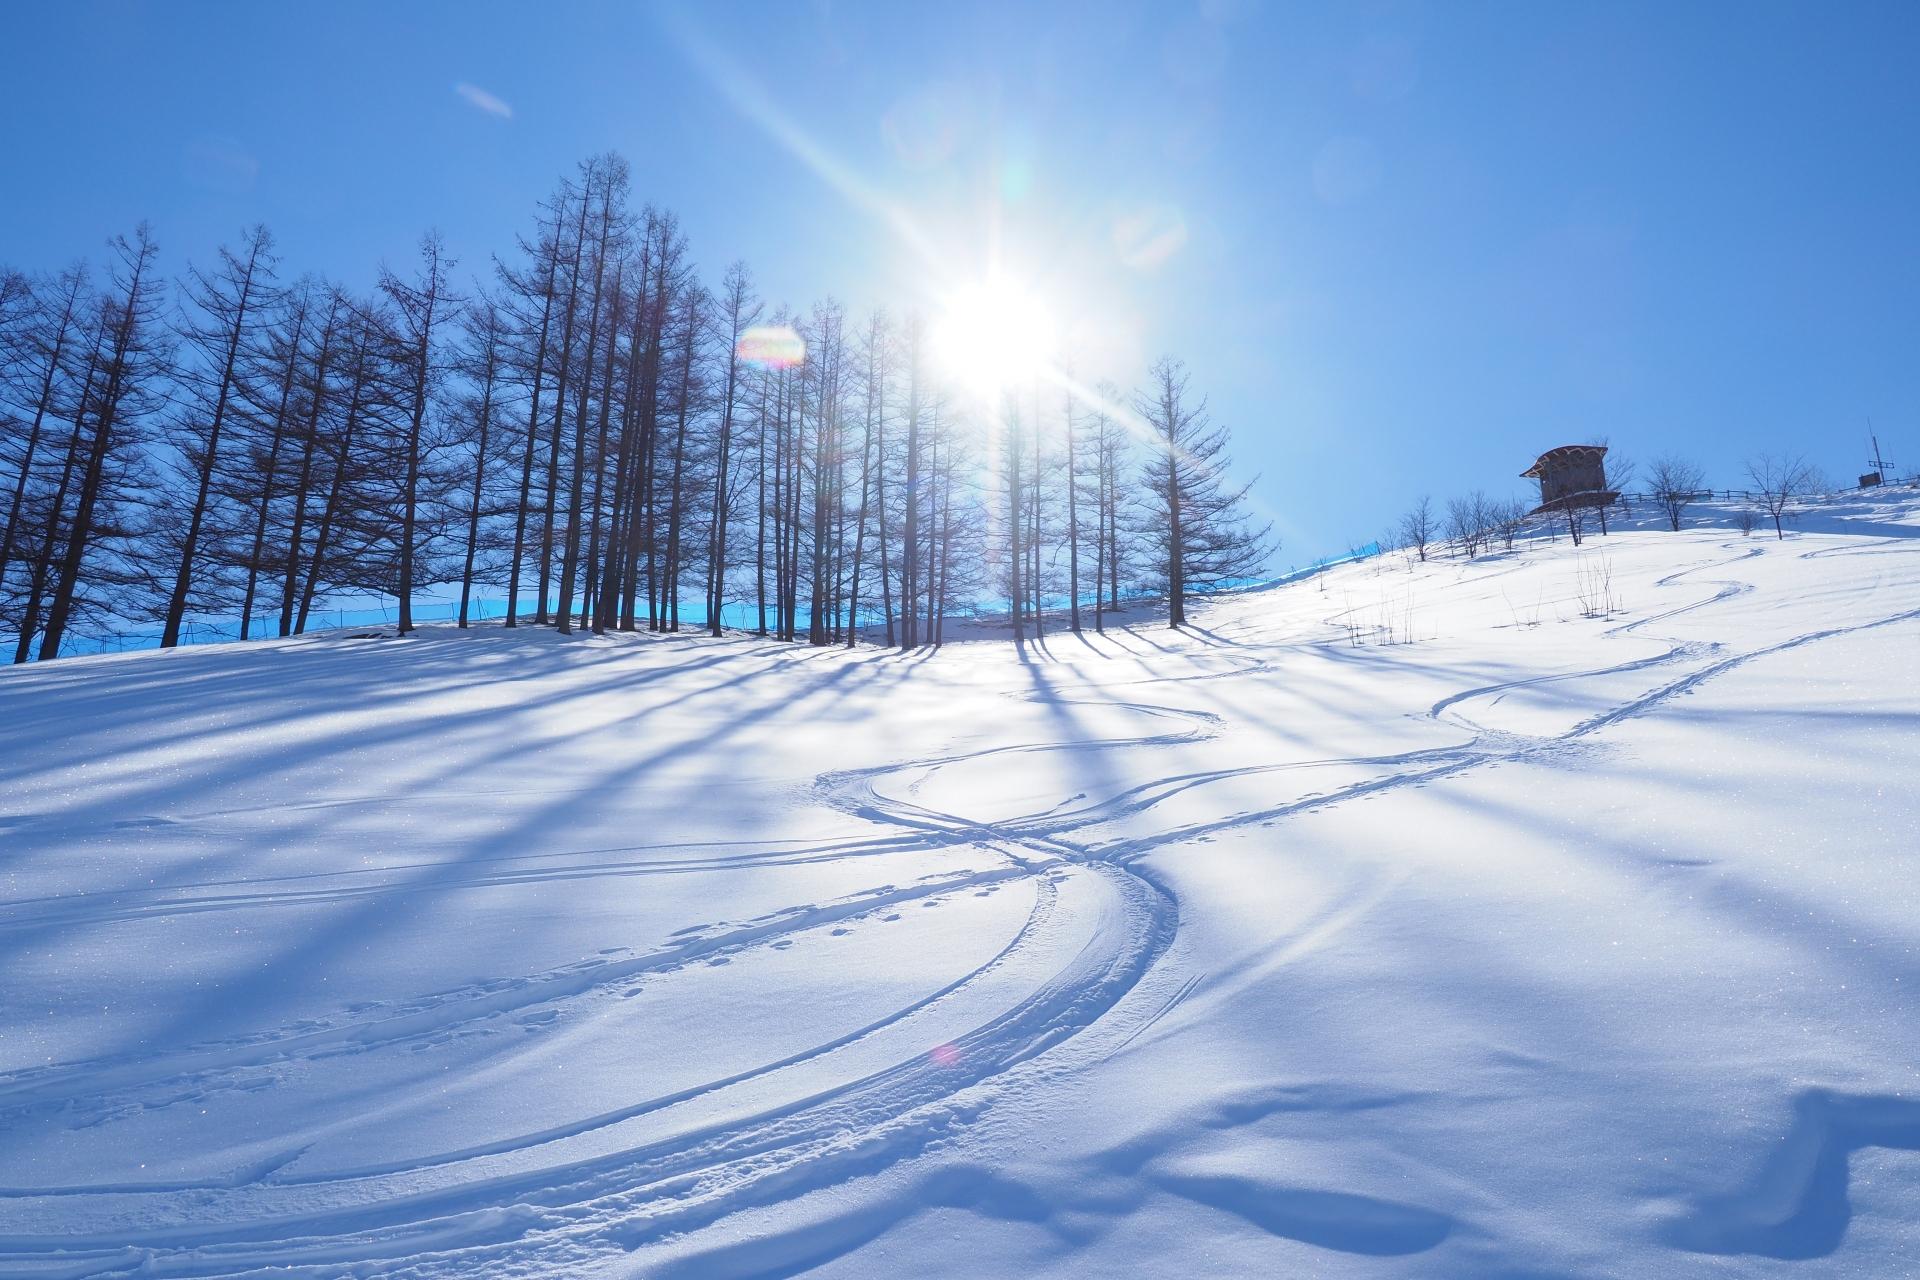 スキーターンは重心の位置がポイント!練習を重ねて感覚を掴もう